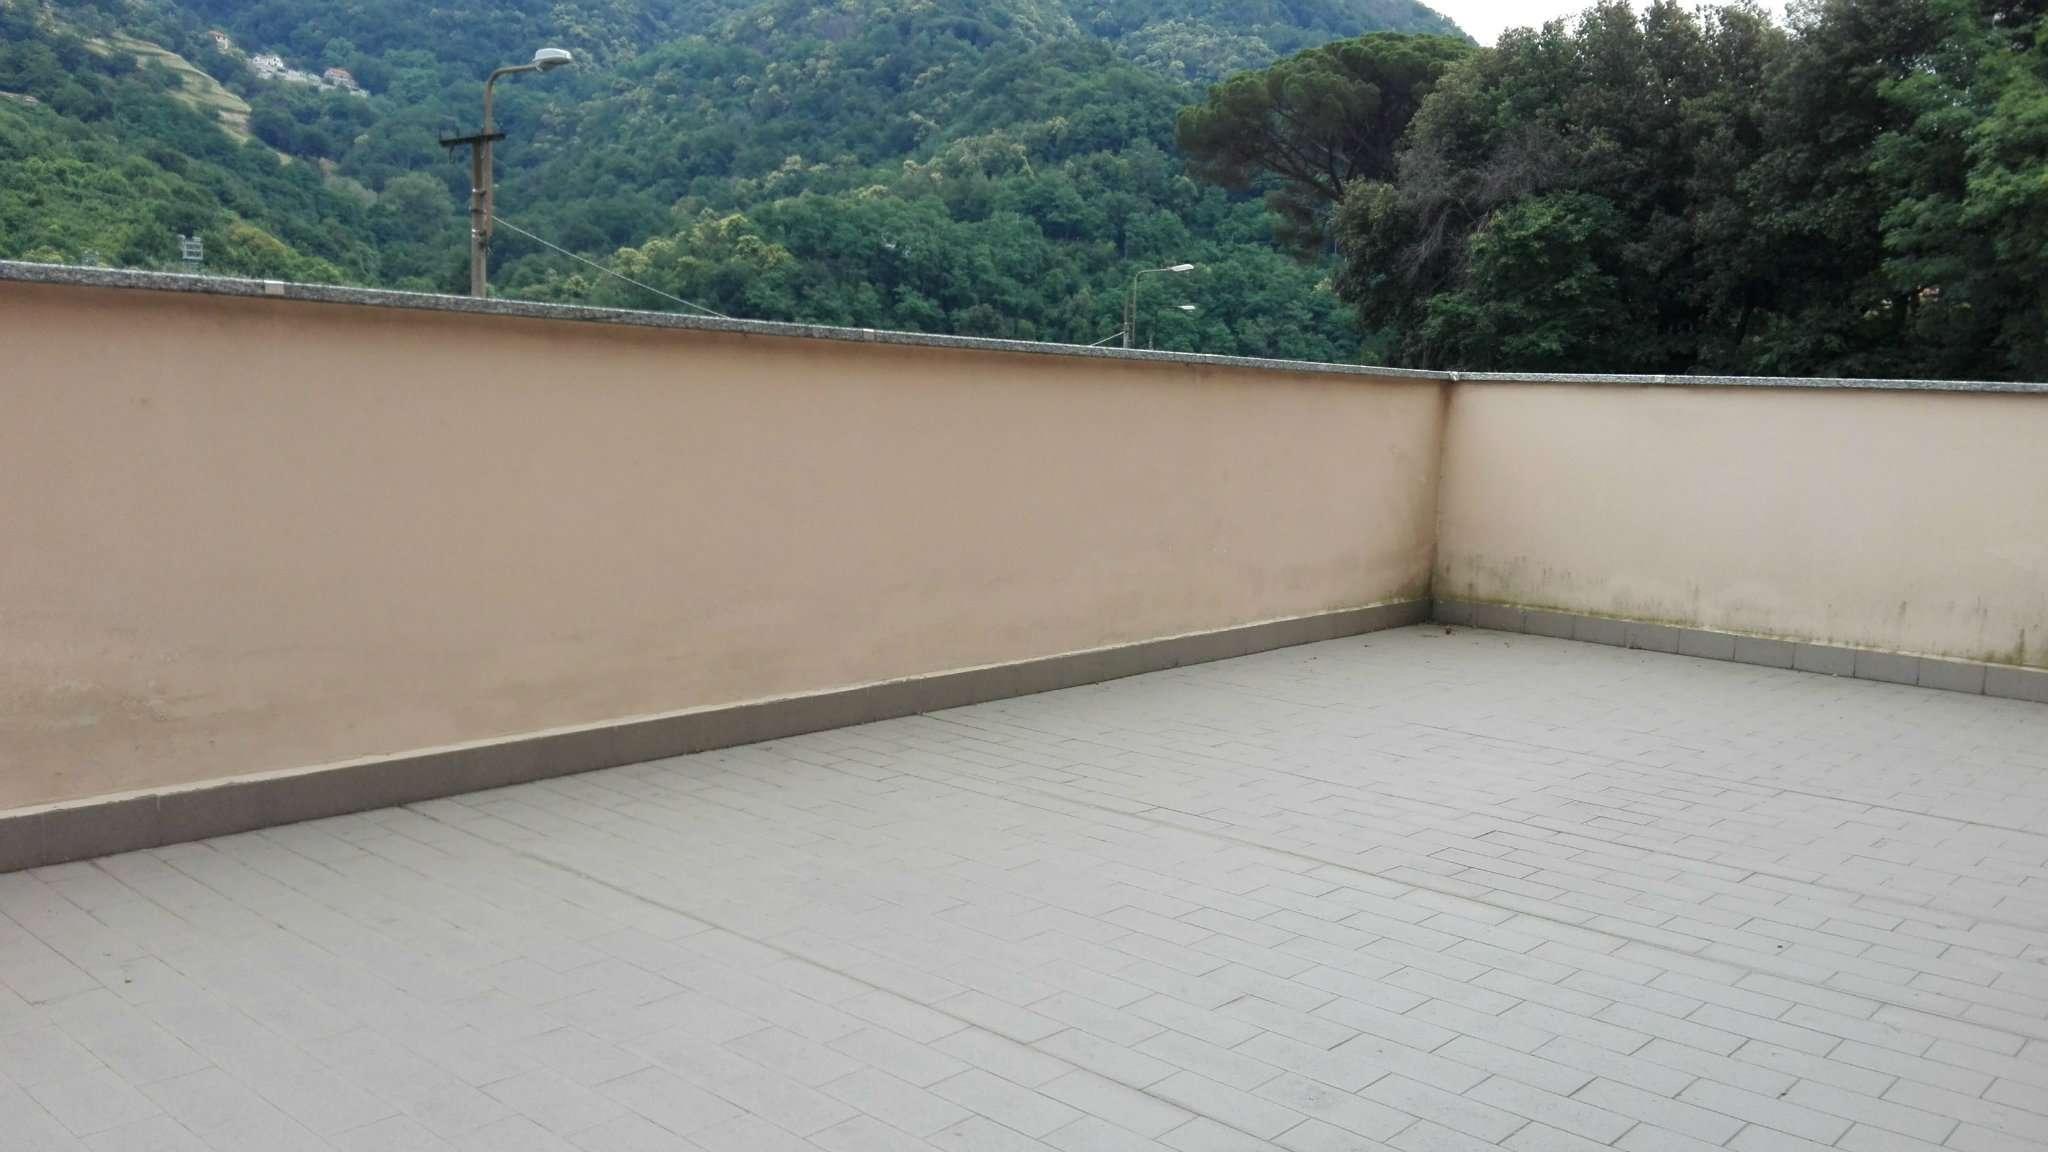 Appartamento in vendita a Serra Riccò, 4 locali, prezzo € 168.000 | CambioCasa.it